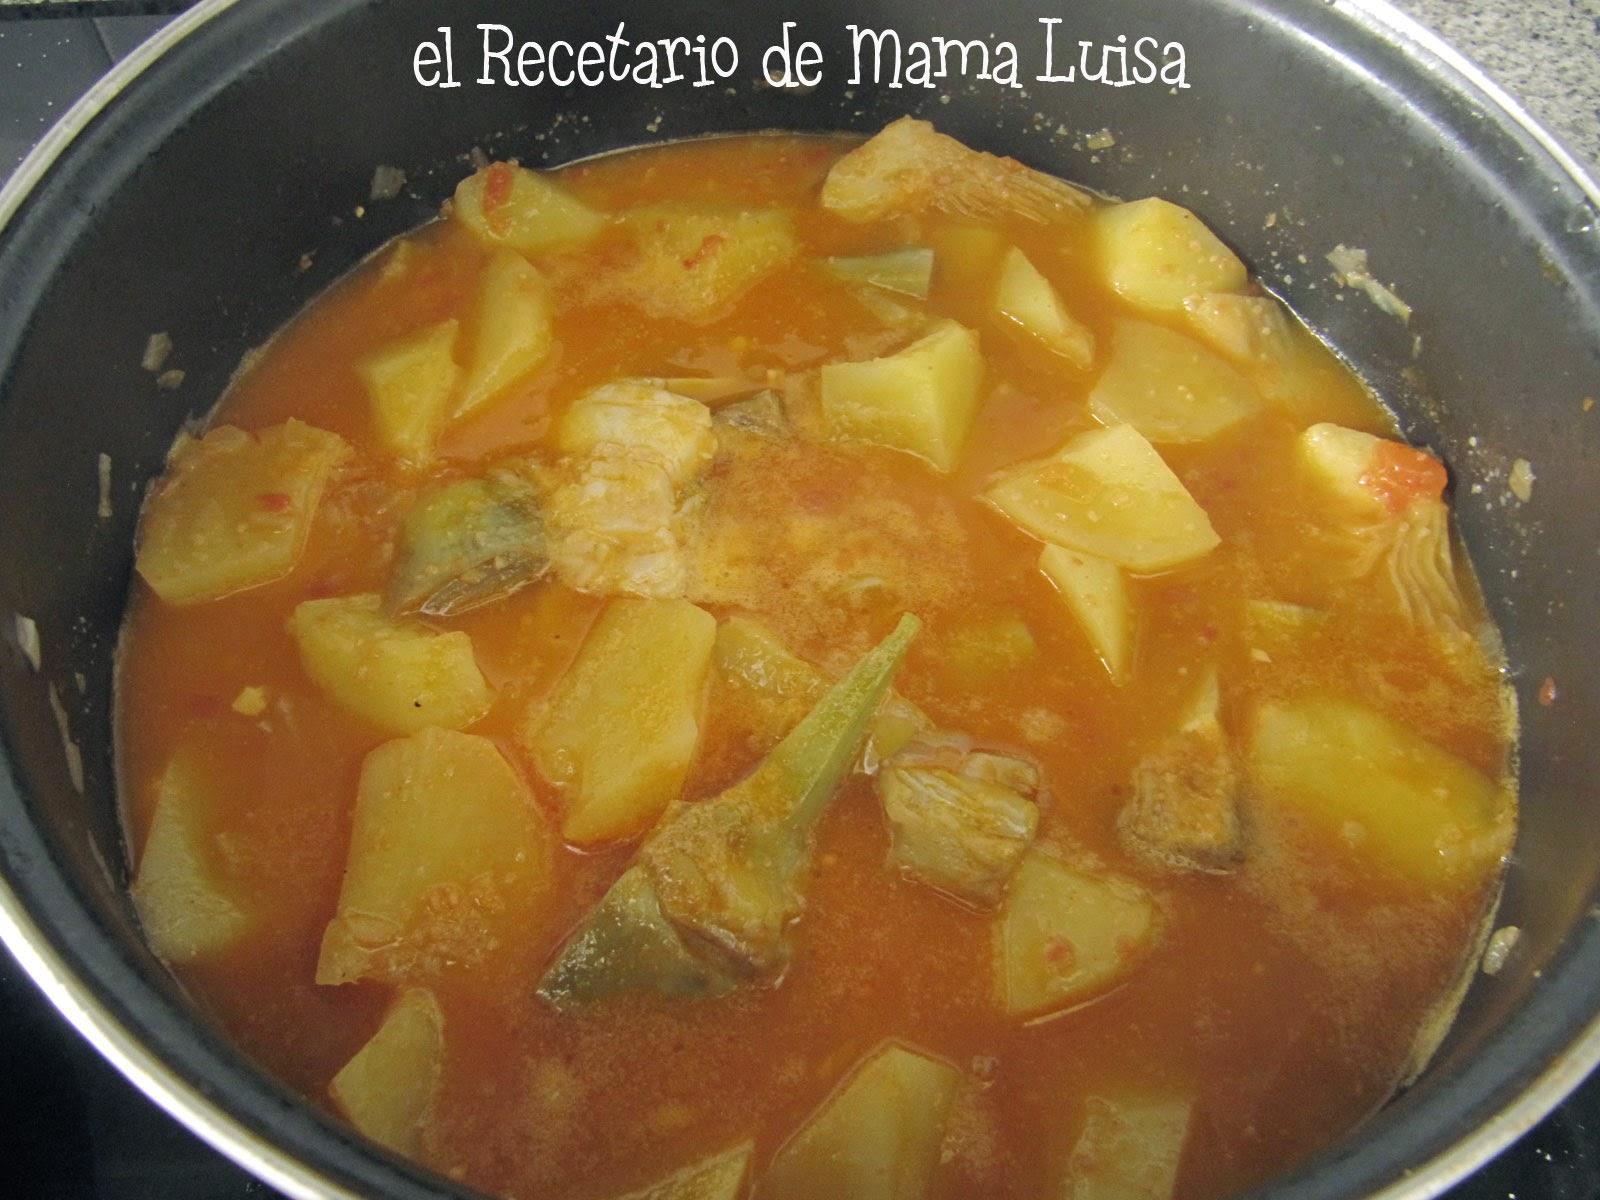 El recetario de mama luisa patatas con bacalao y alcachofas - Bacalao con garbanzos y patatas ...